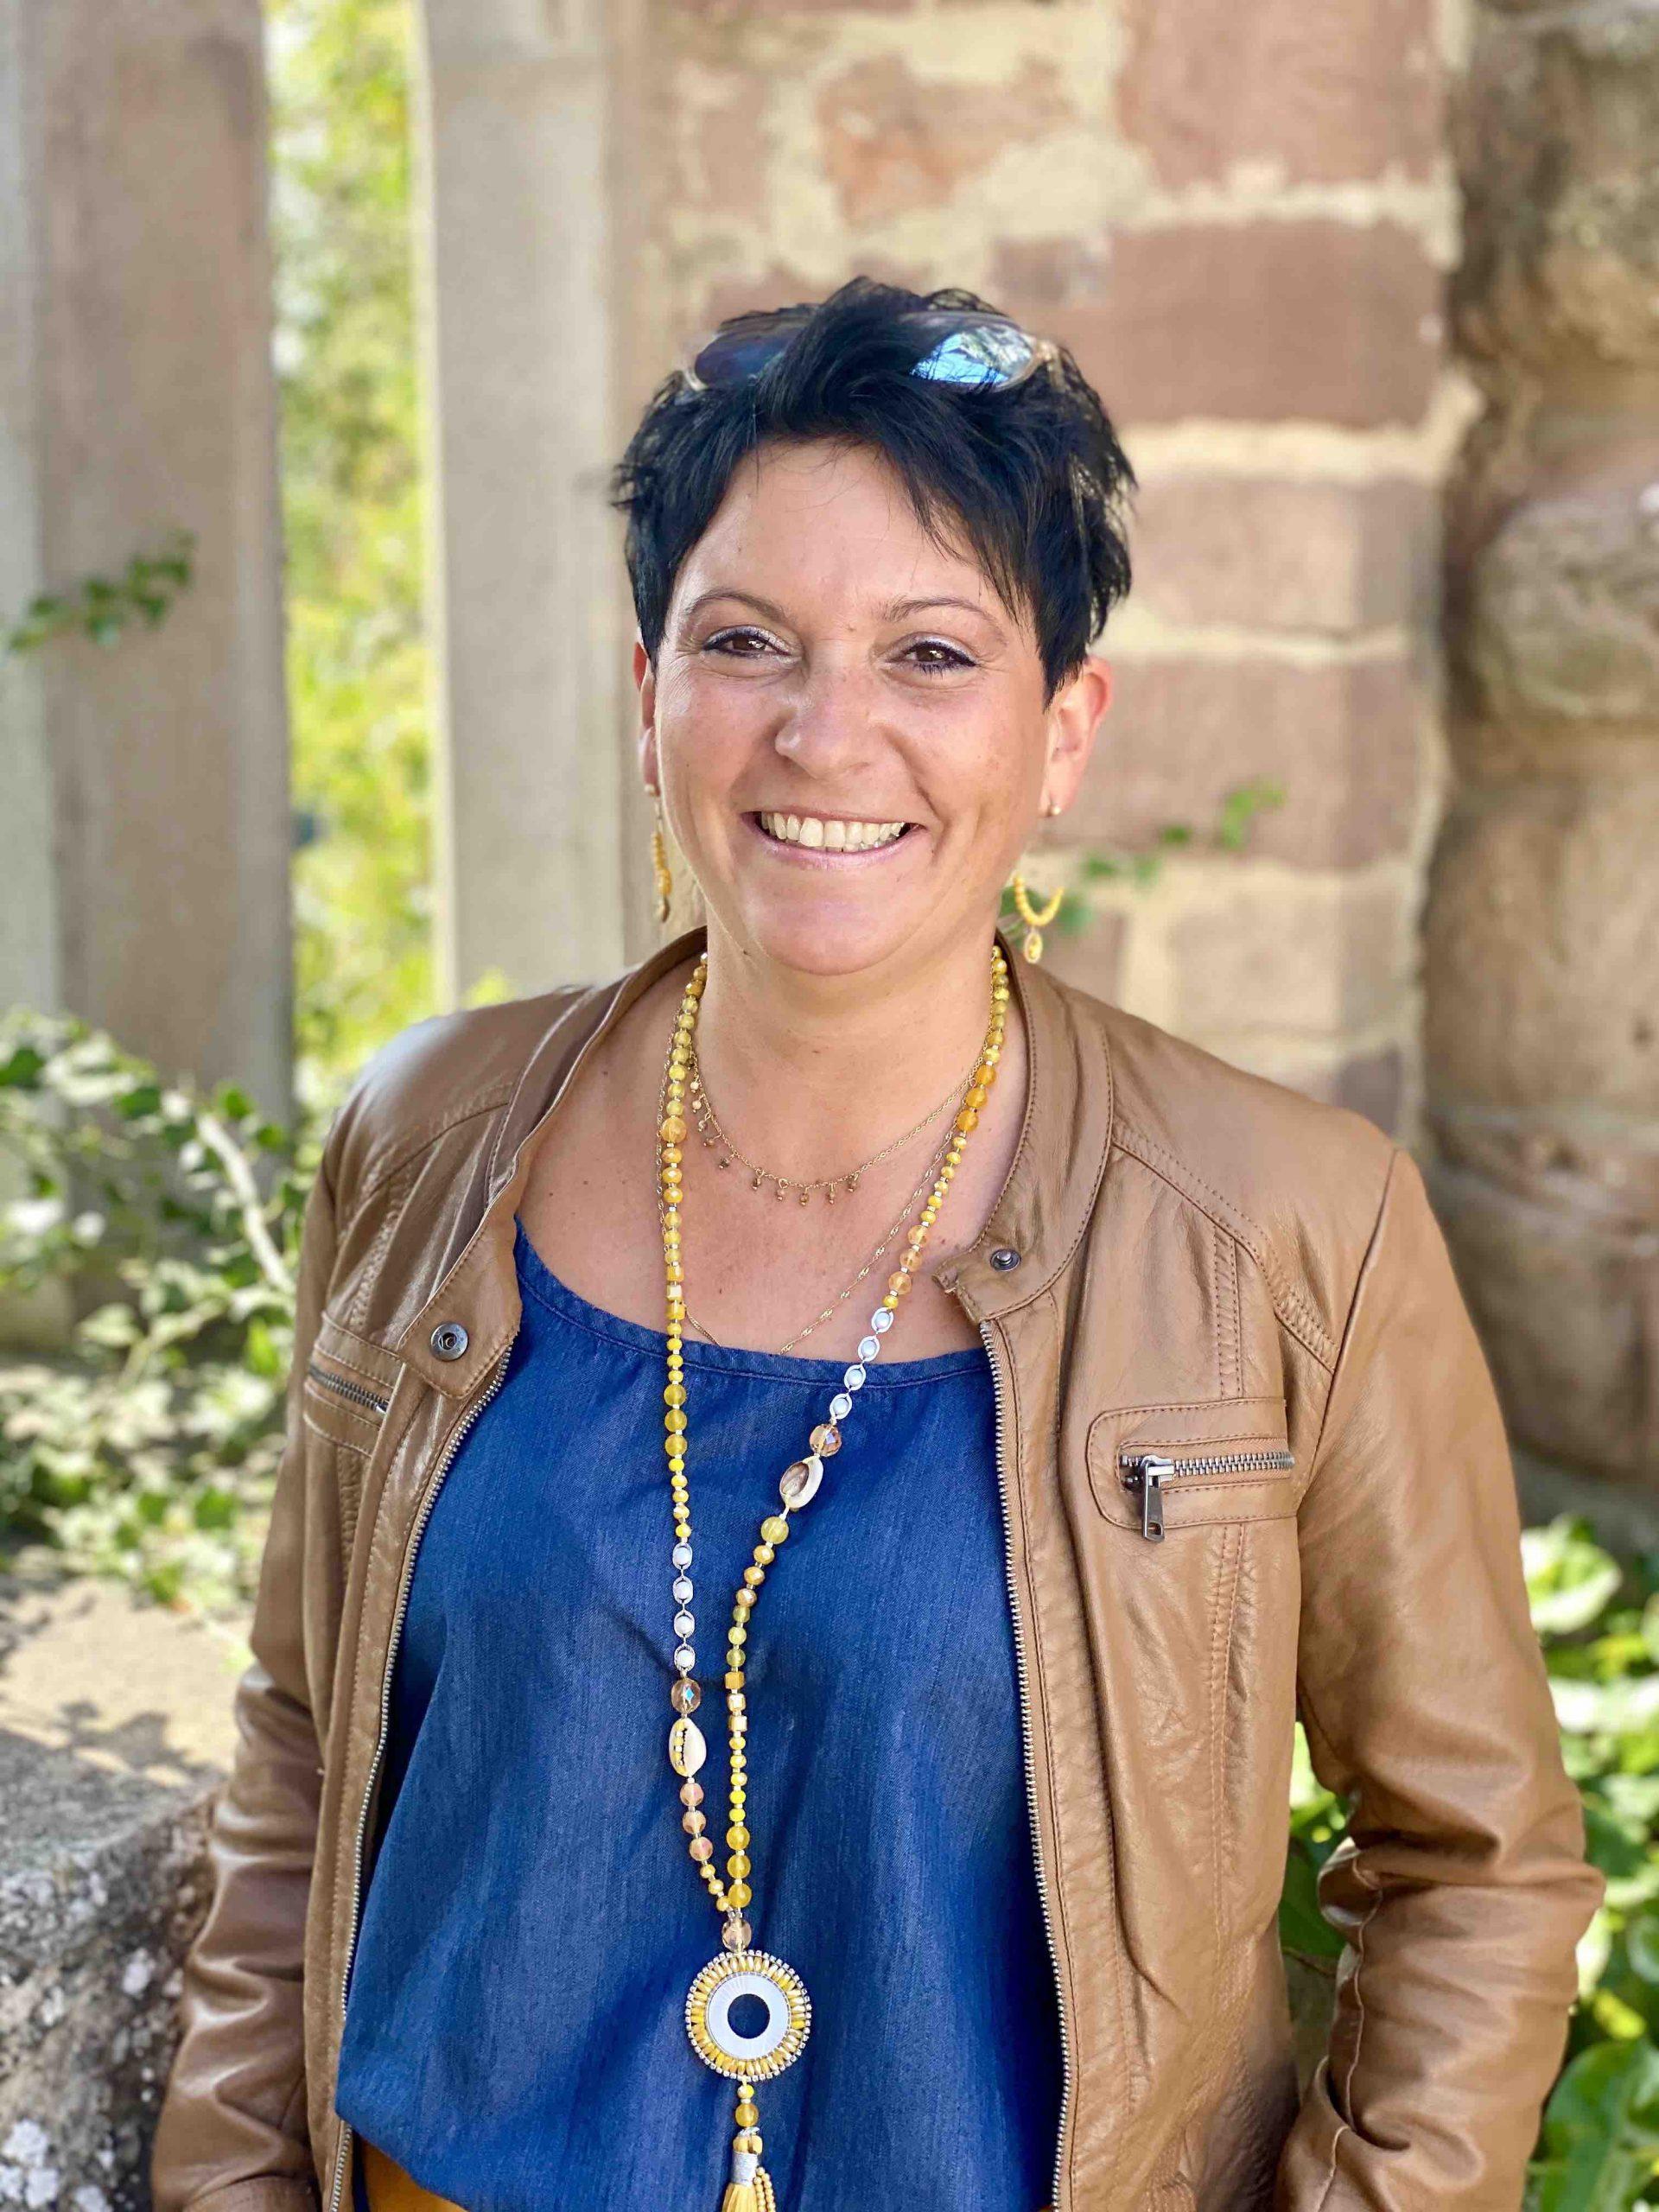 Bianca Koscher